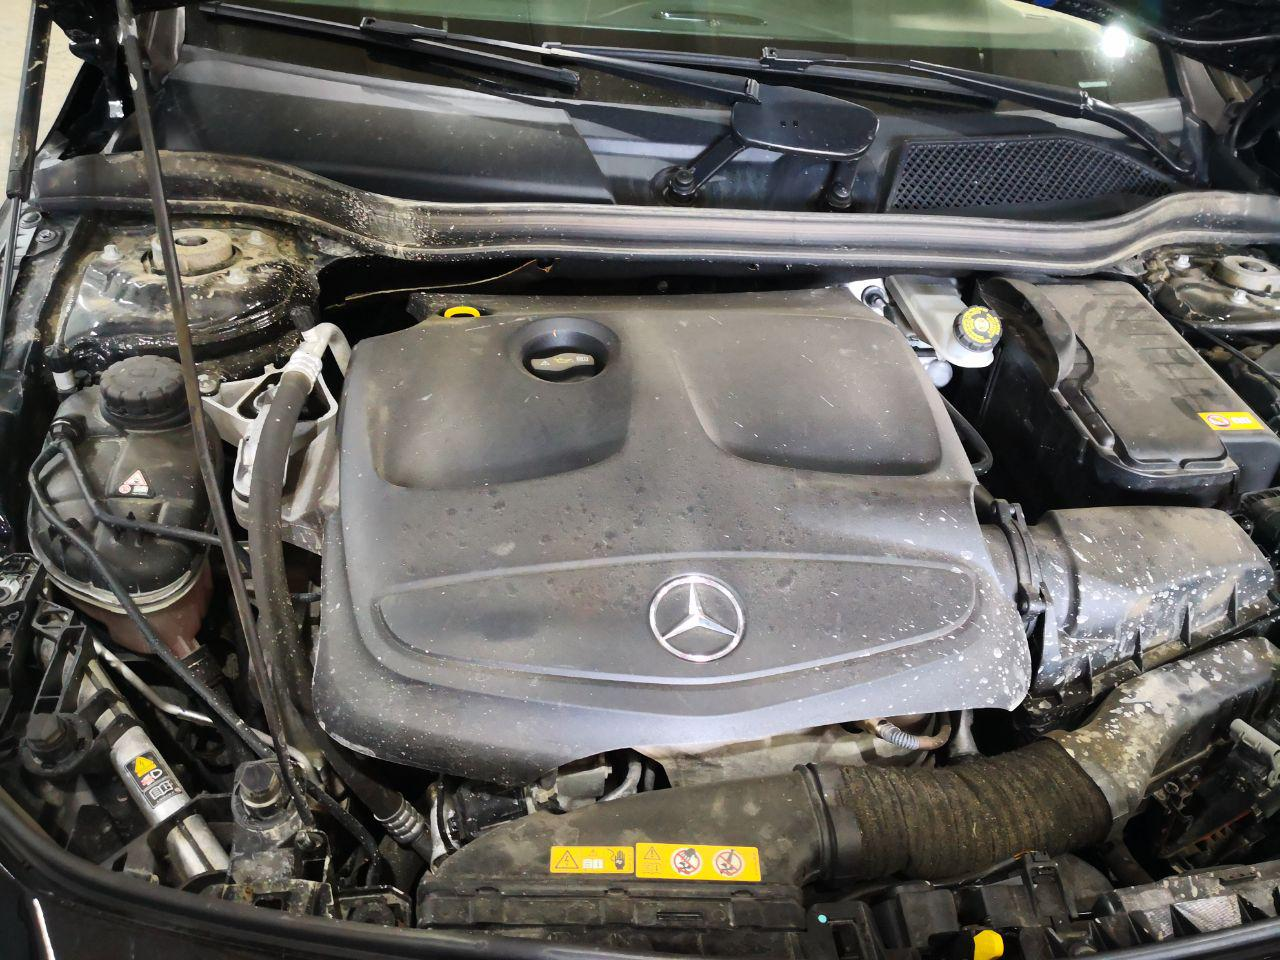 двигатель Mercedes Benz 250 2.0t, чип тюнинг двигателя